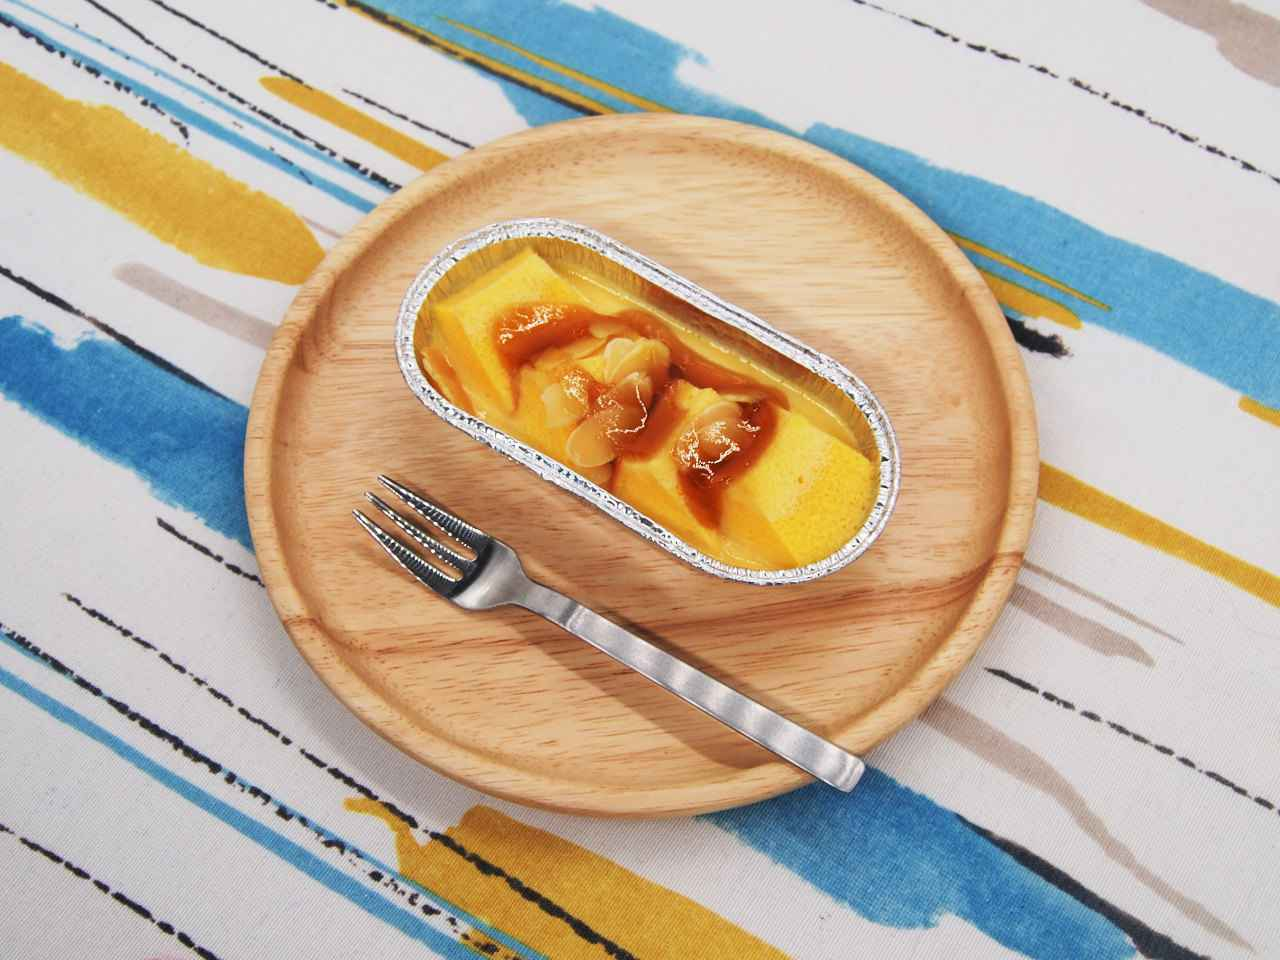 画像: ふわふわで甘い「しみとろプリンケーキ」